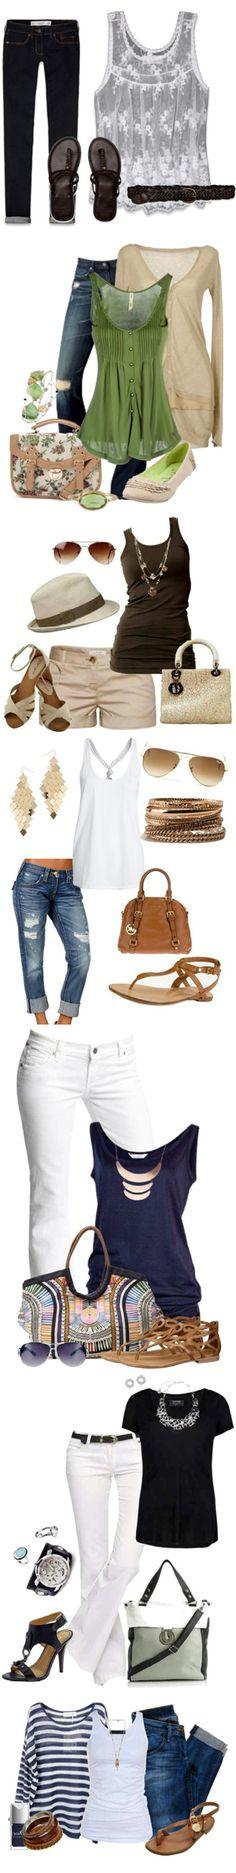 stylish outfit ideas Stylish Outfits, Fashion Outfits, Outfit Ideas, Classy, Polyvore, Image, Classy Outfits, Dapper Gentleman, Chic